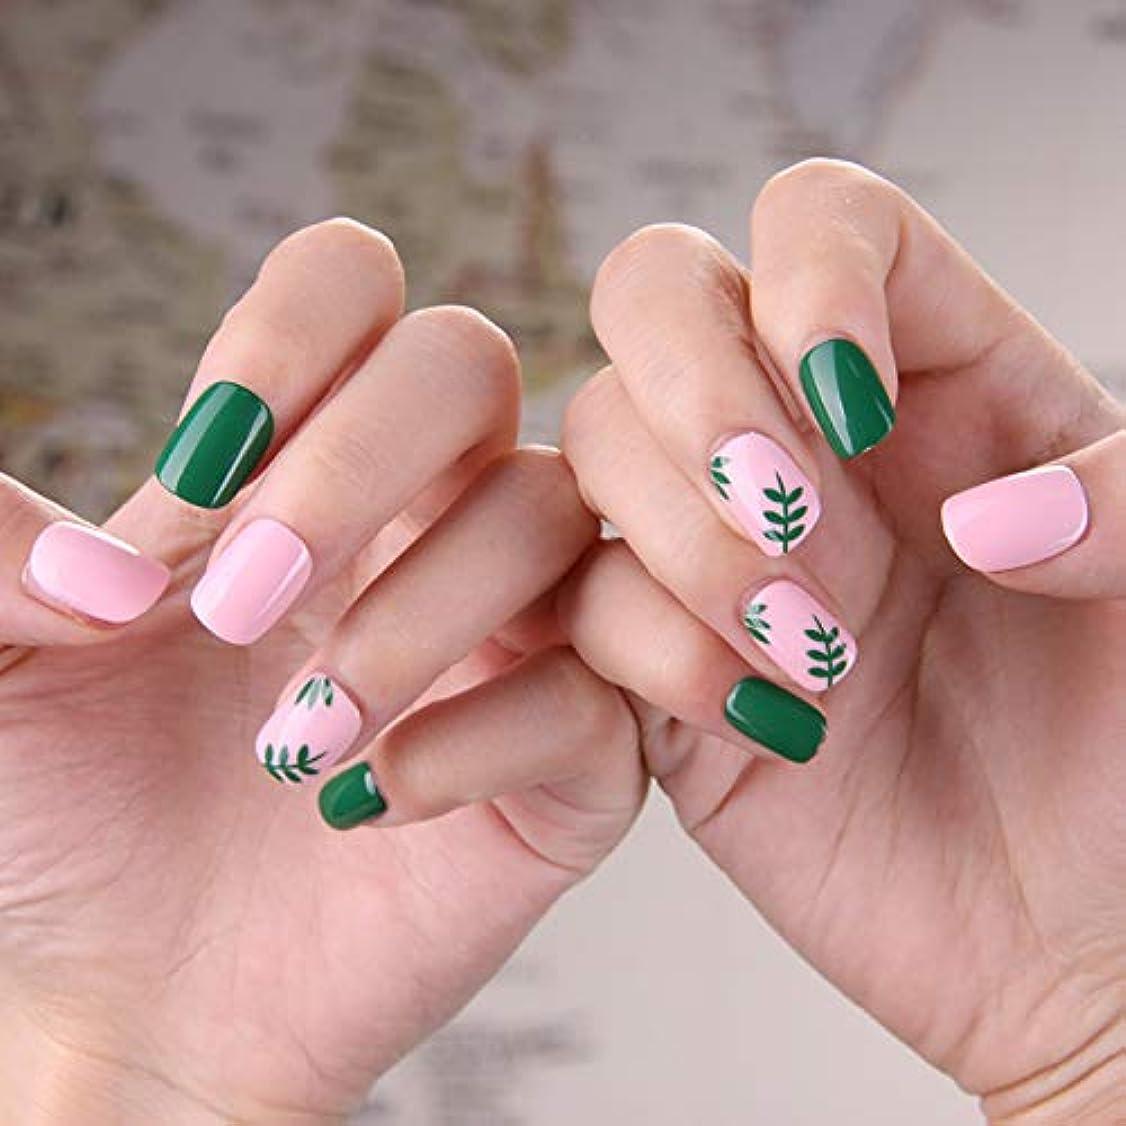 彼女トレイ有効可愛い優雅ネイル 女性気質 手作りネイルチップ 24枚入 簡単に爪を取り除くことができます フレンチネイルチップ 二次会ネイルチップ 結婚式ネイルチップ (粉と緑 グリーン)